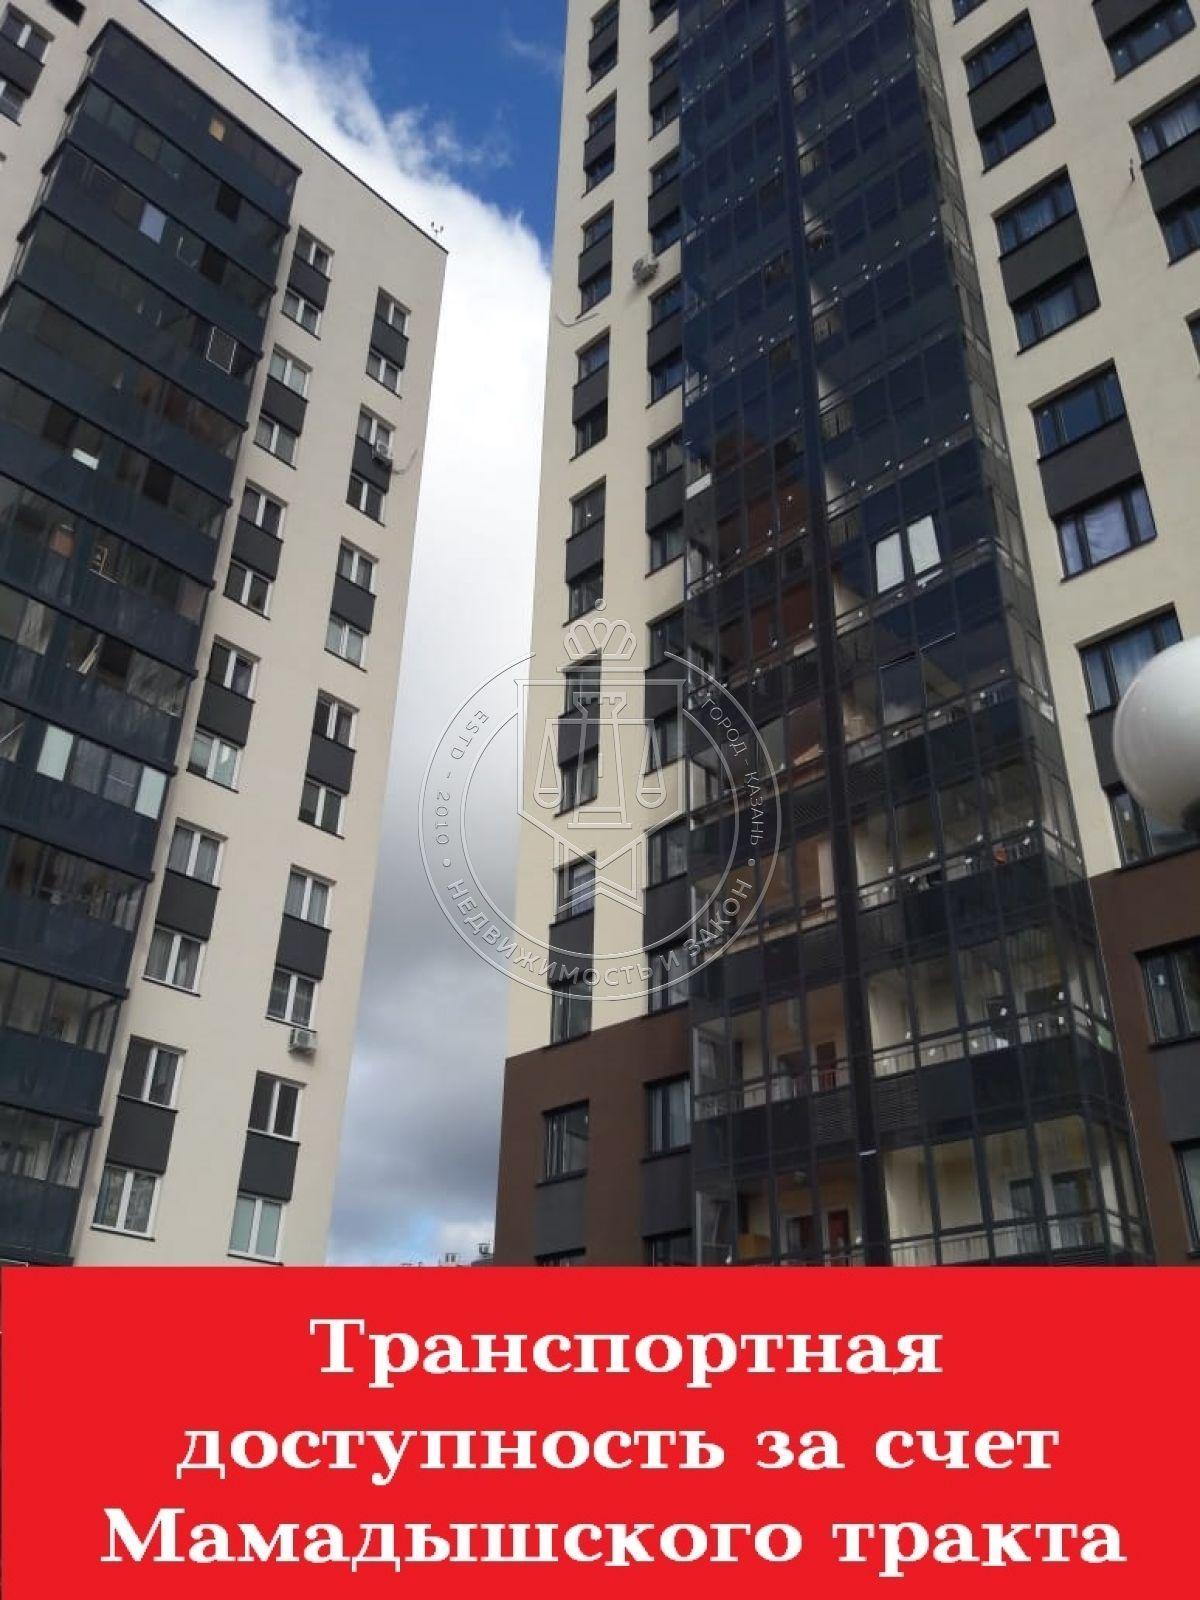 Продажа 2-к квартиры Александра Курынова ул, строение 15.1